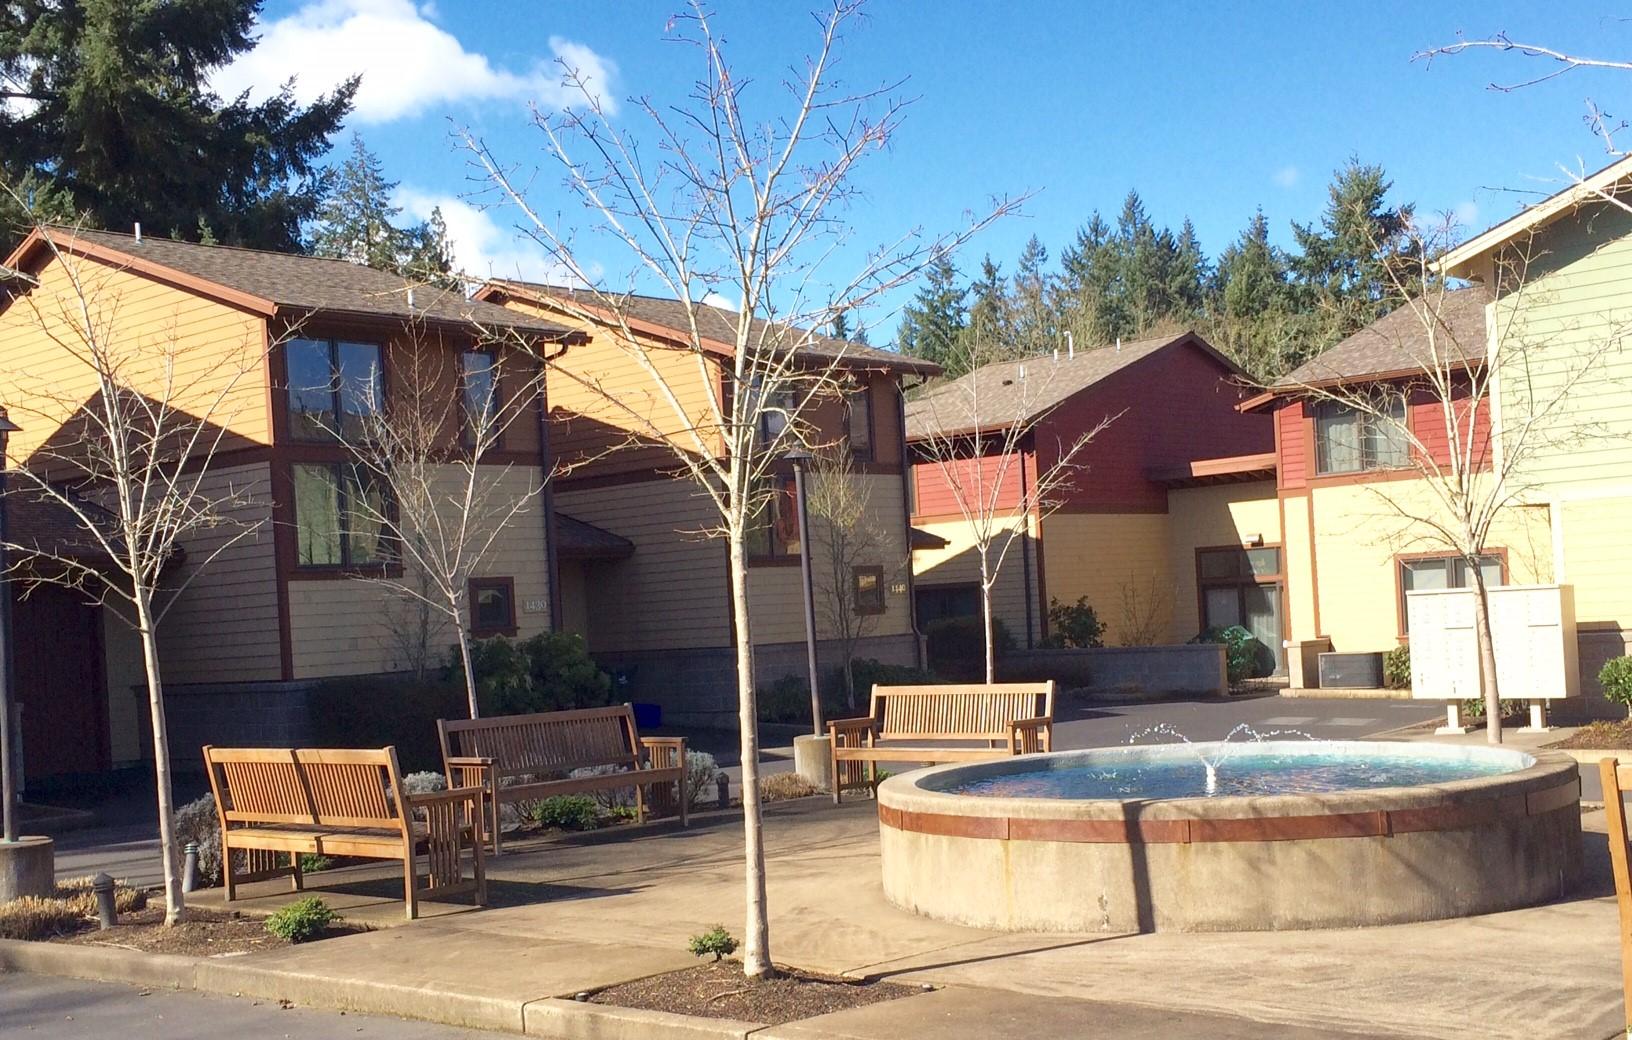 Courtyard Condos in Eugene